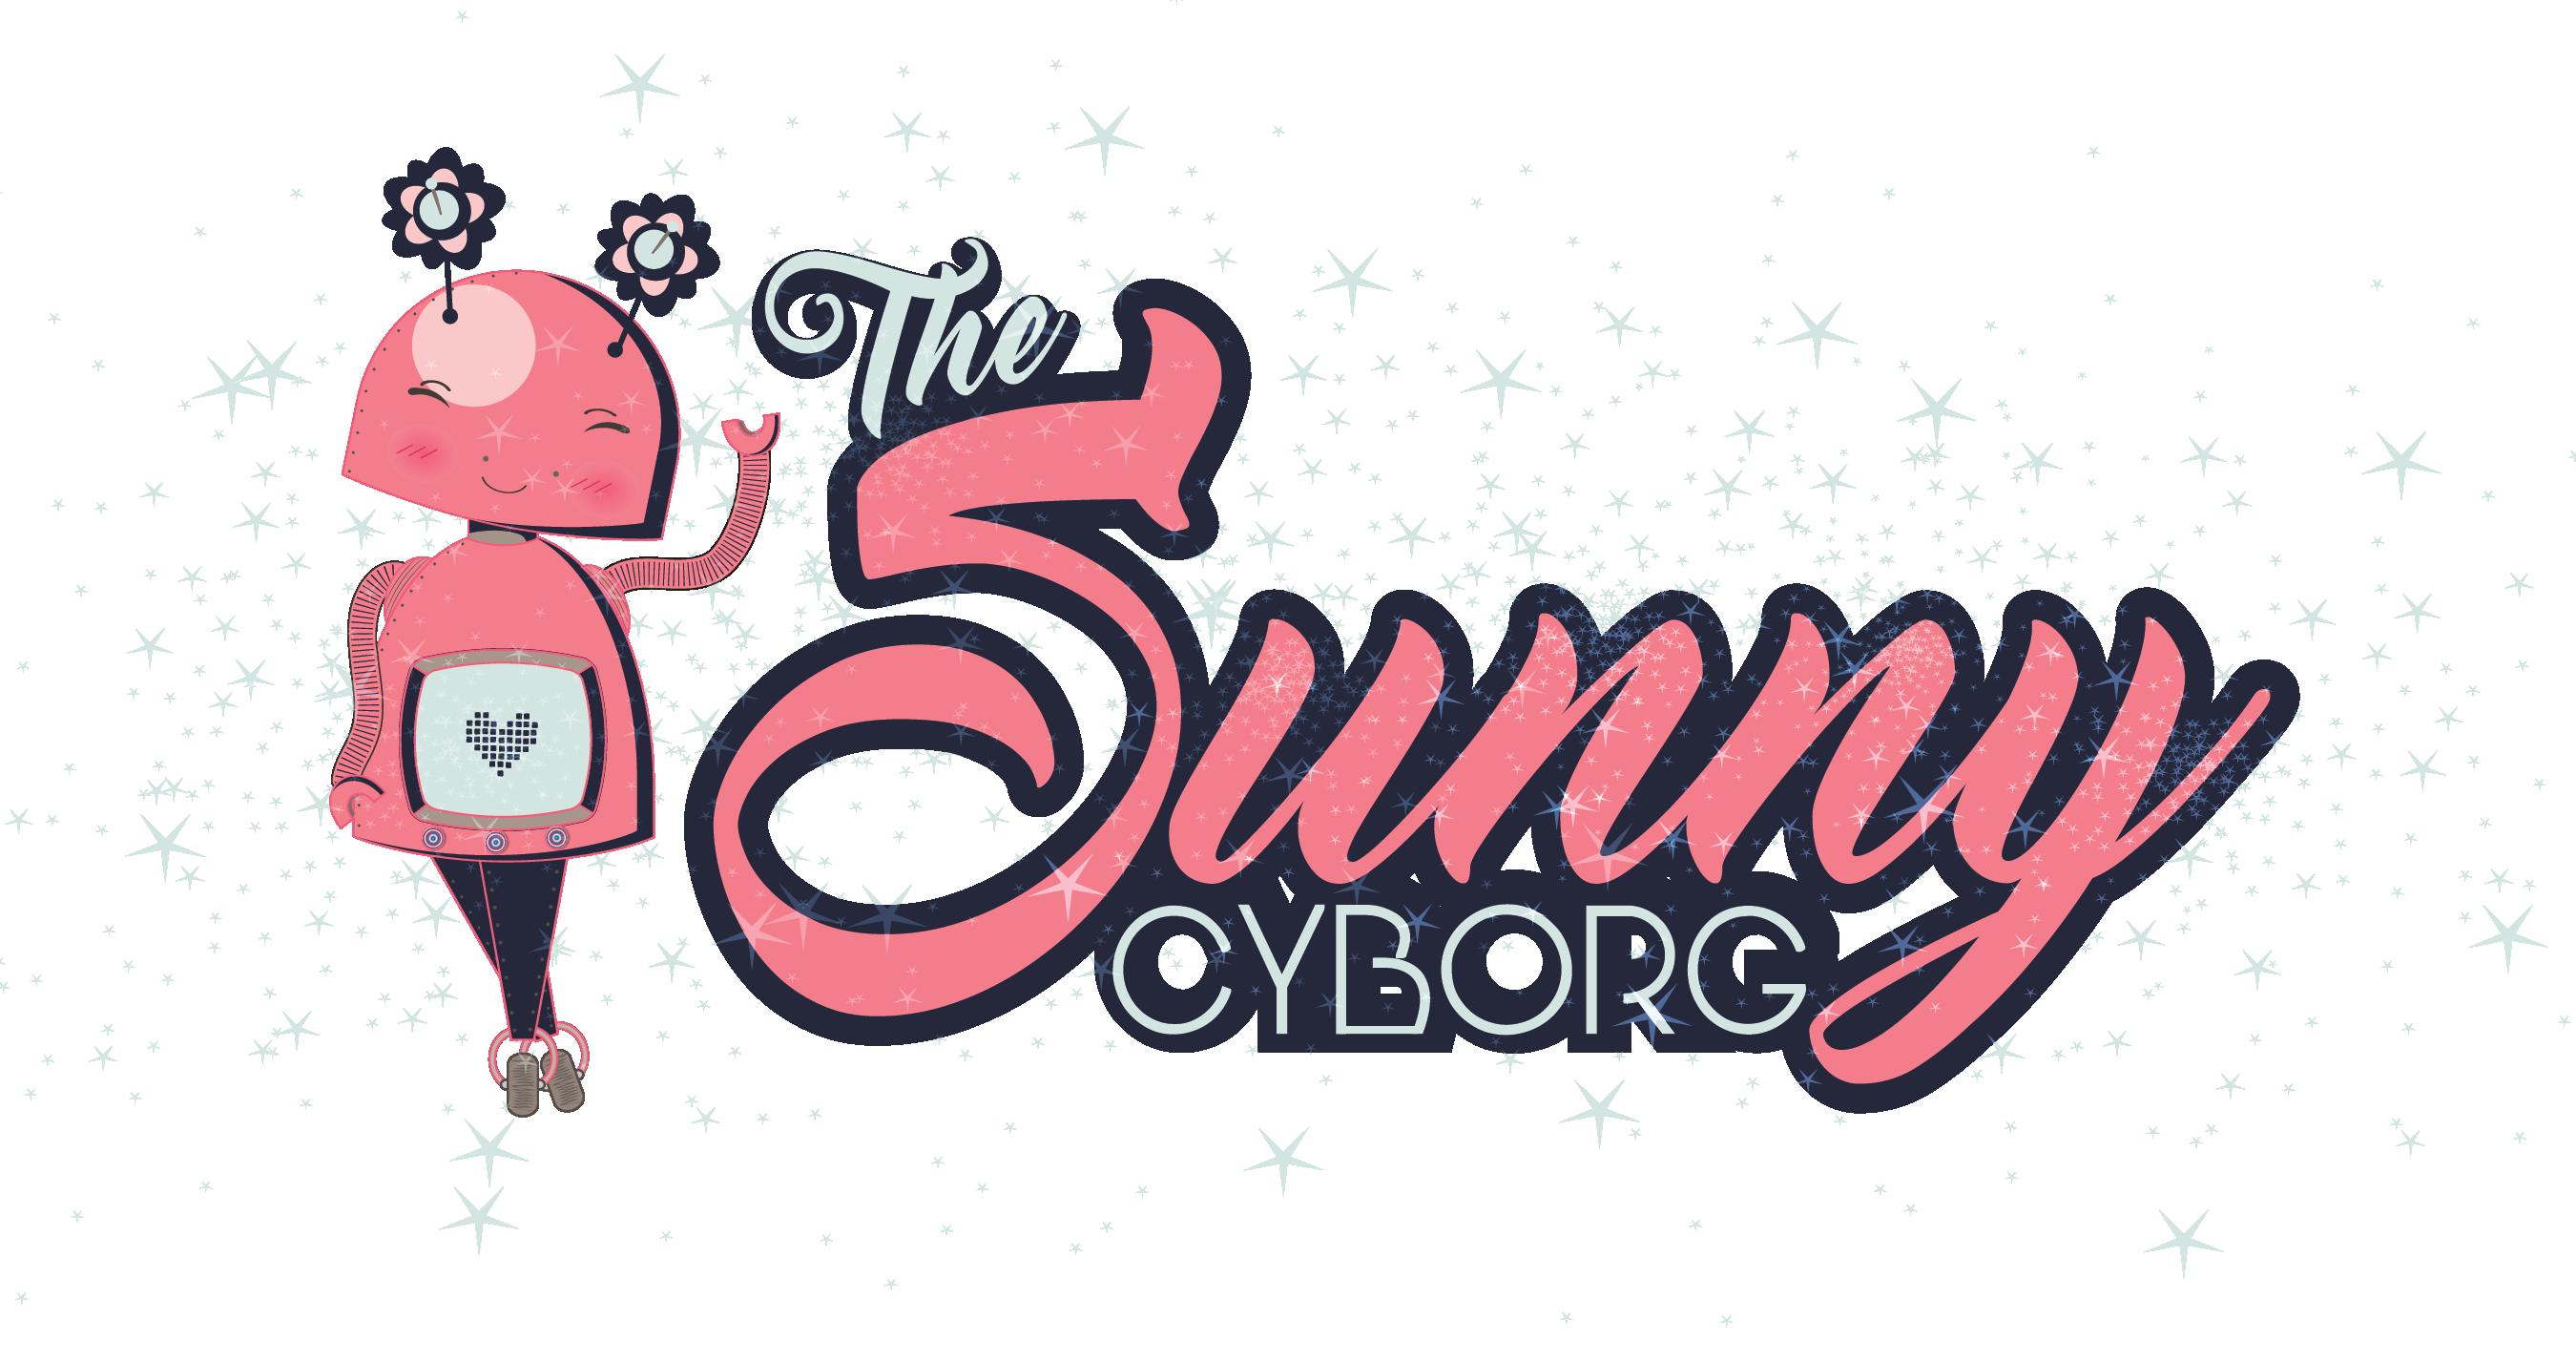 The Sunny Cyborg